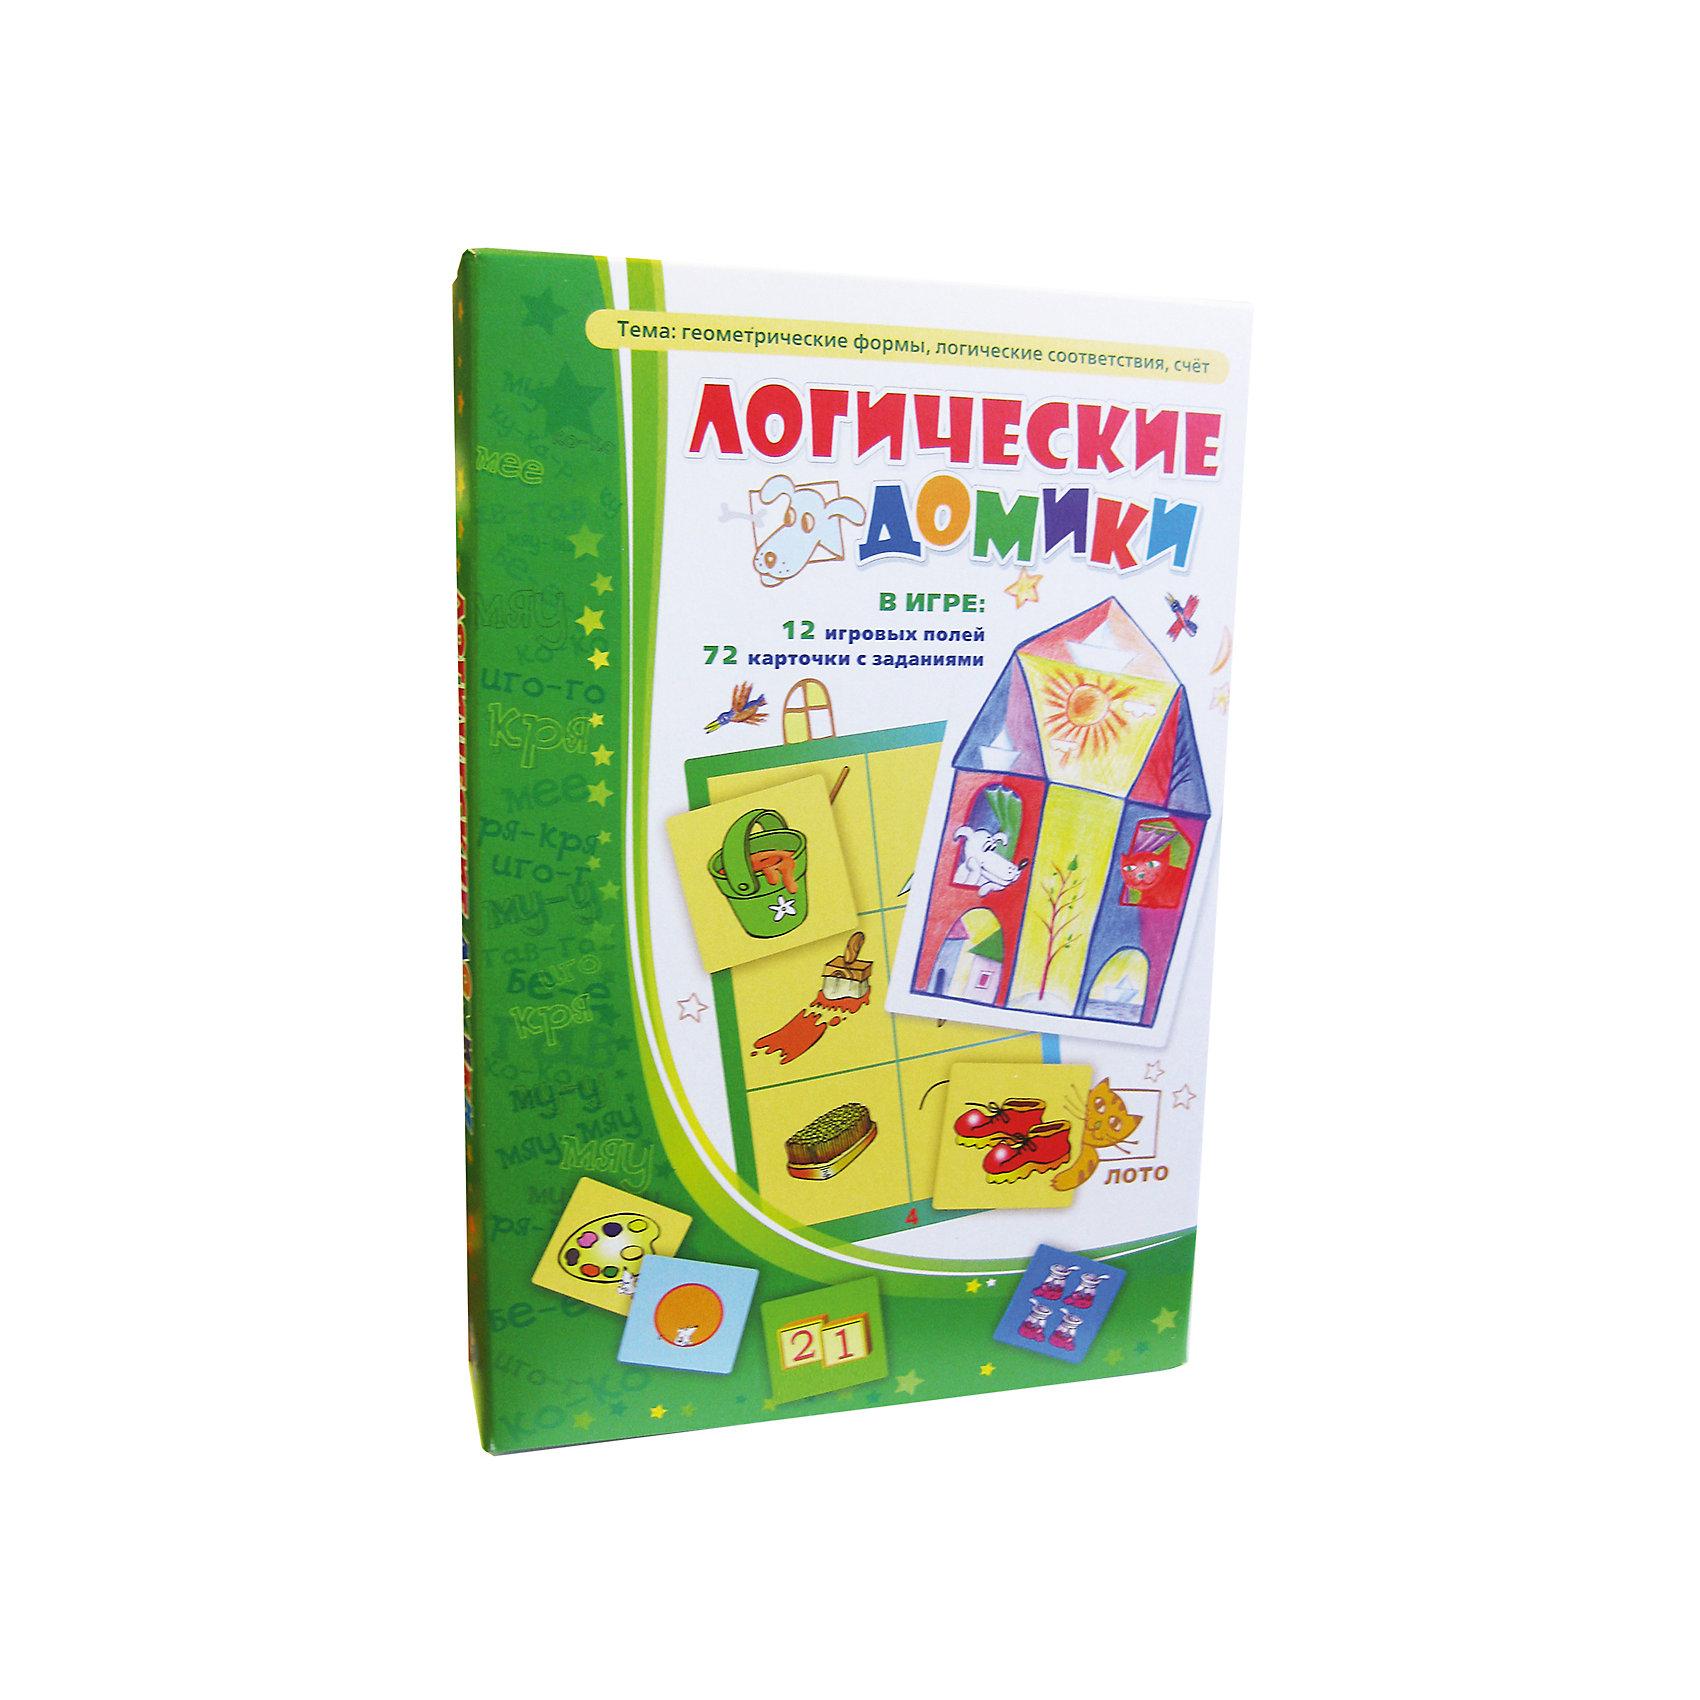 Логические домики, Игротека Татьяны БарчанВикторины и ребусы<br>Логические домики, Игротека Татьяны Барчан.<br><br>Характеристики:<br><br>• Для детей в возрасте: от 3 до 5 лет<br>• В комплекте: 12 больших карточек (игровые поля), 72 карточки с заданиями, инструкция<br>• Тема: Геометрические формы, логические соответствия, счет, времена года<br>• Материал: плотный качественный картон<br>• Производитель: ЦОТР Ребус (Россия)<br>• Упаковка: картонная коробка<br>• Размер упаковки: 270х180х45 мм.<br>• Вес: 315 гр.<br><br>Лото «Логические домики» стало одной из любимых игр малышей от 3-х до 5-ти. Двенадцать карточек – это двенадцать разных заданий. Чтобы их выполнить, маленьким игрокам надо проявить терпение, быть внимательным, научиться решать хитрые задачки, не попасться в ловушки. <br><br>В игре малыши знакомятся с плоскими и объёмными геометрическими фигурами, учатся подбирать логические пары, считать до шести. Маленькие карточки с ответами выкладываются на большой карточке. Мышата, нарисованные на картинках, подскажут, где верх, а где низ у маленькой карточки. Если правильно подобрать 6 карточек на обороте получится симпатичный домик. <br><br>Каждый домик соответствует одному из 12 месяцев. Собрав их все, вы сможете познакомить ребенка со временами года. Лото «Логические домики» было отмечено психологами из «Центра игры и игрушки» специальным знаком «Детские психологи рекомендуют».<br><br>Игру Логические домики, Игротека Татьяны Барчан можно купить в нашем интернет-магазине.<br><br>Ширина мм: 270<br>Глубина мм: 180<br>Высота мм: 40<br>Вес г: 291<br>Возраст от месяцев: 36<br>Возраст до месяцев: 60<br>Пол: Унисекс<br>Возраст: Детский<br>SKU: 6751325